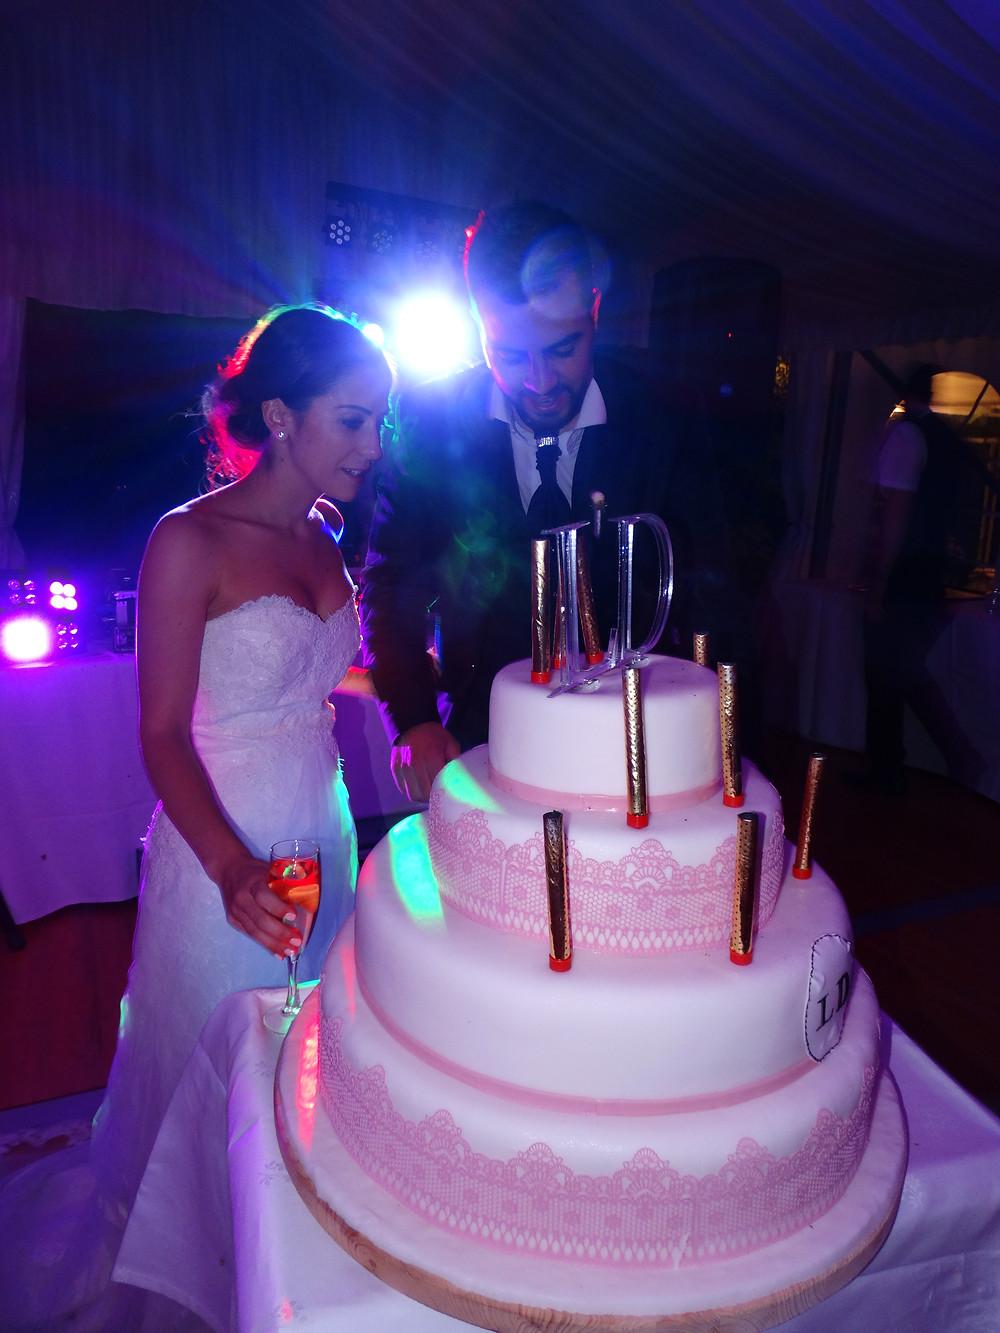 animusik_animation_dj_mariage_soirée__séminaire_Karaoké_anniversaire_Genève_Annemasse_Gaillard_Annecy_Ain_Gex_(4).JPG